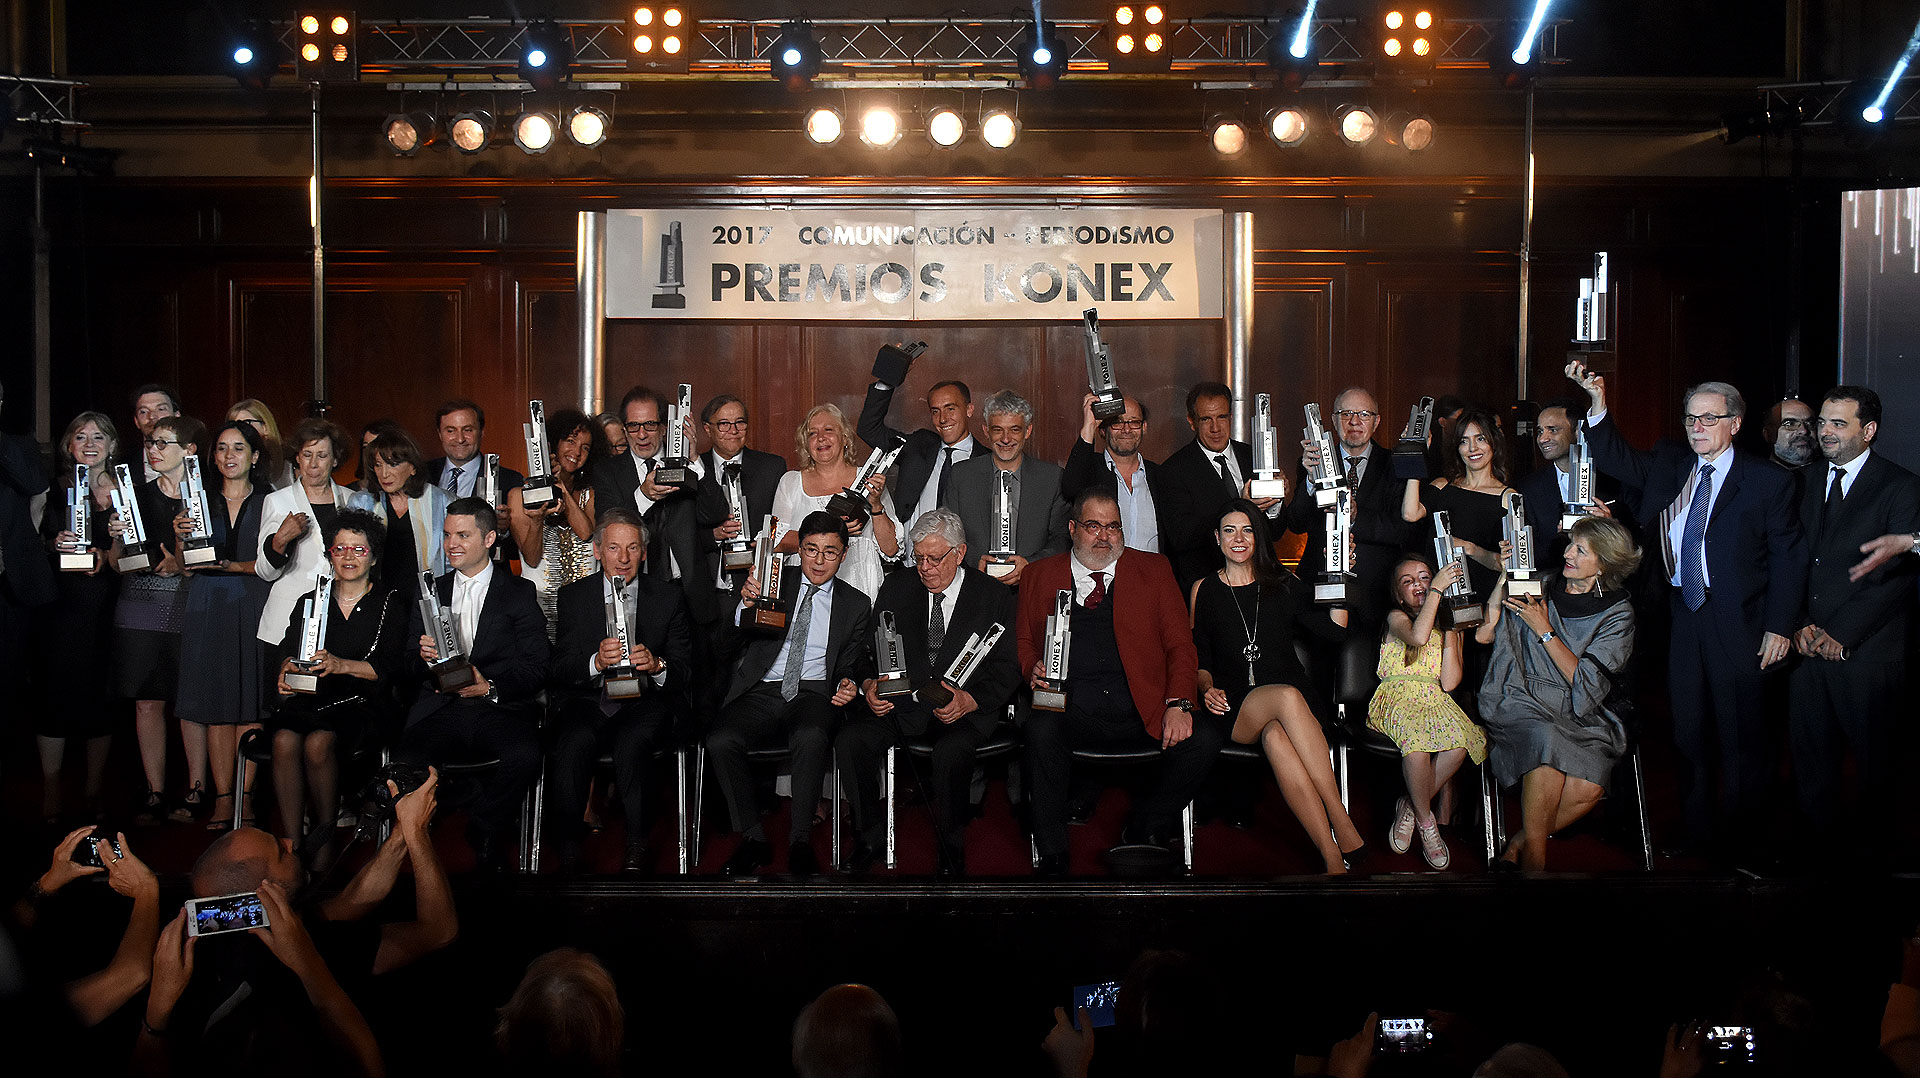 Los ganadores de los Premios Konex 2017 – Comunicación y Periodismo /// Fotos: Nicolás Stulberg – Christian Bochichio